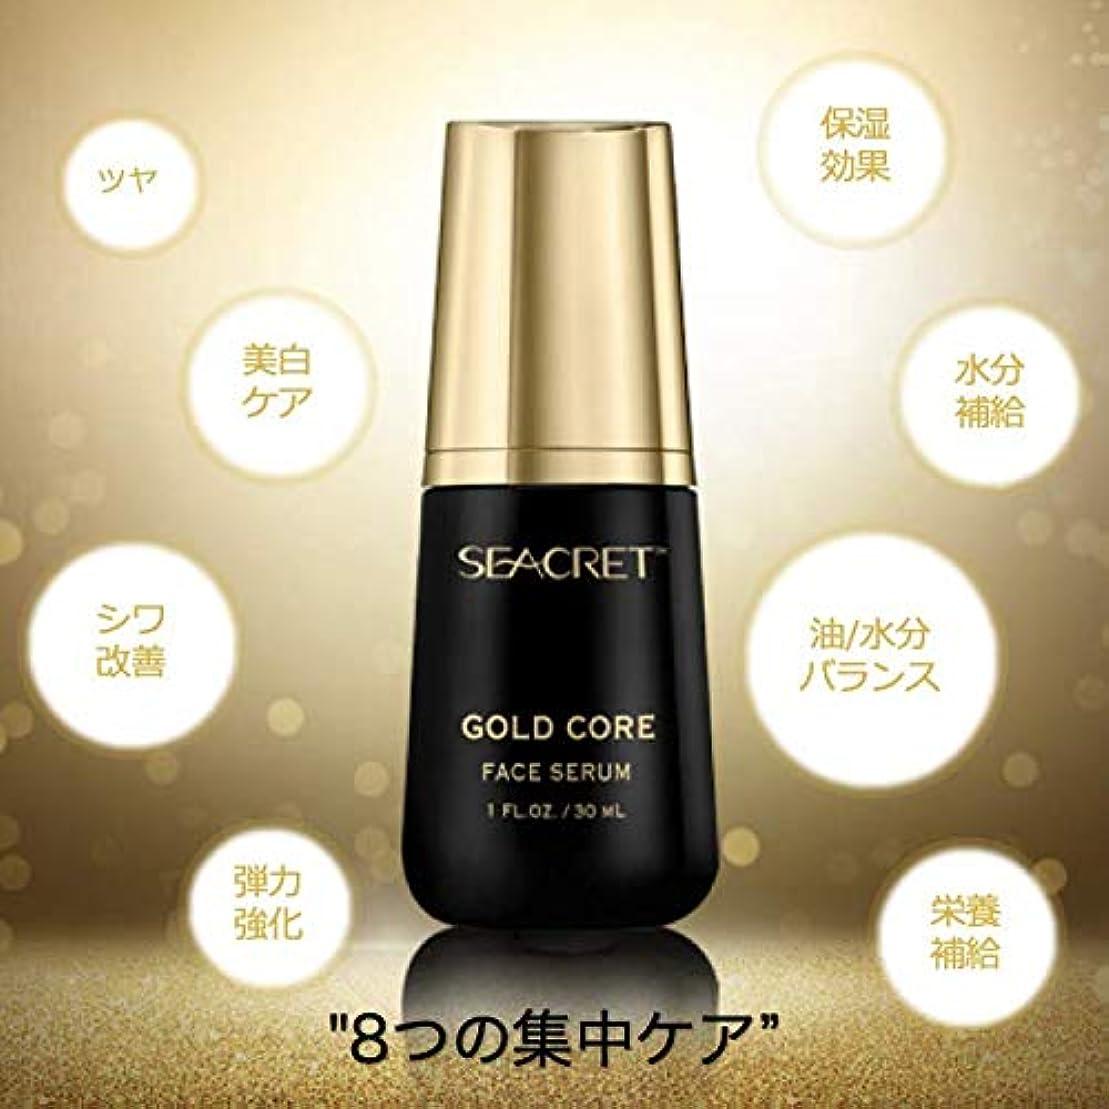 SEACRET(シークレット) 24K金 タイムレスフェイスセーラム GOLD CORE TIMELESS FACE SERUM 30ML